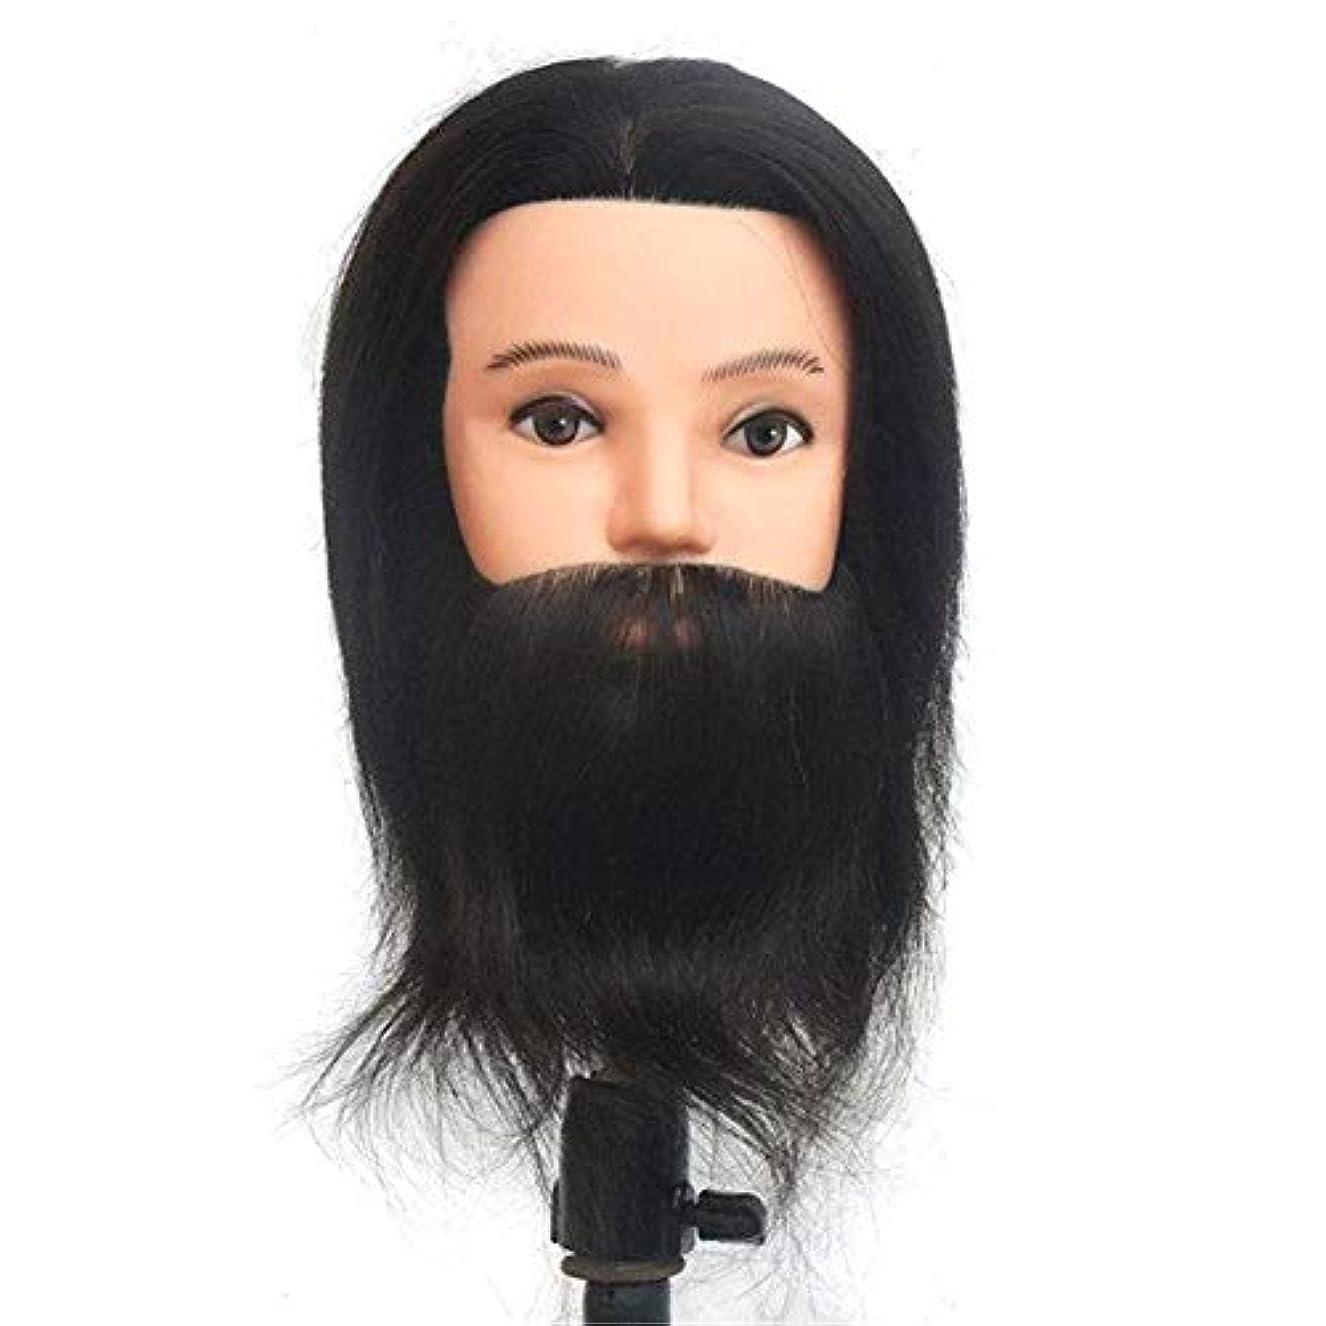 アイドル愛国的な会員リアル人間の髪トレーニングヘッドパーマ髪モデル髪染め理髪ダミーヘッドトリミングひげ学習ヘッドモデル